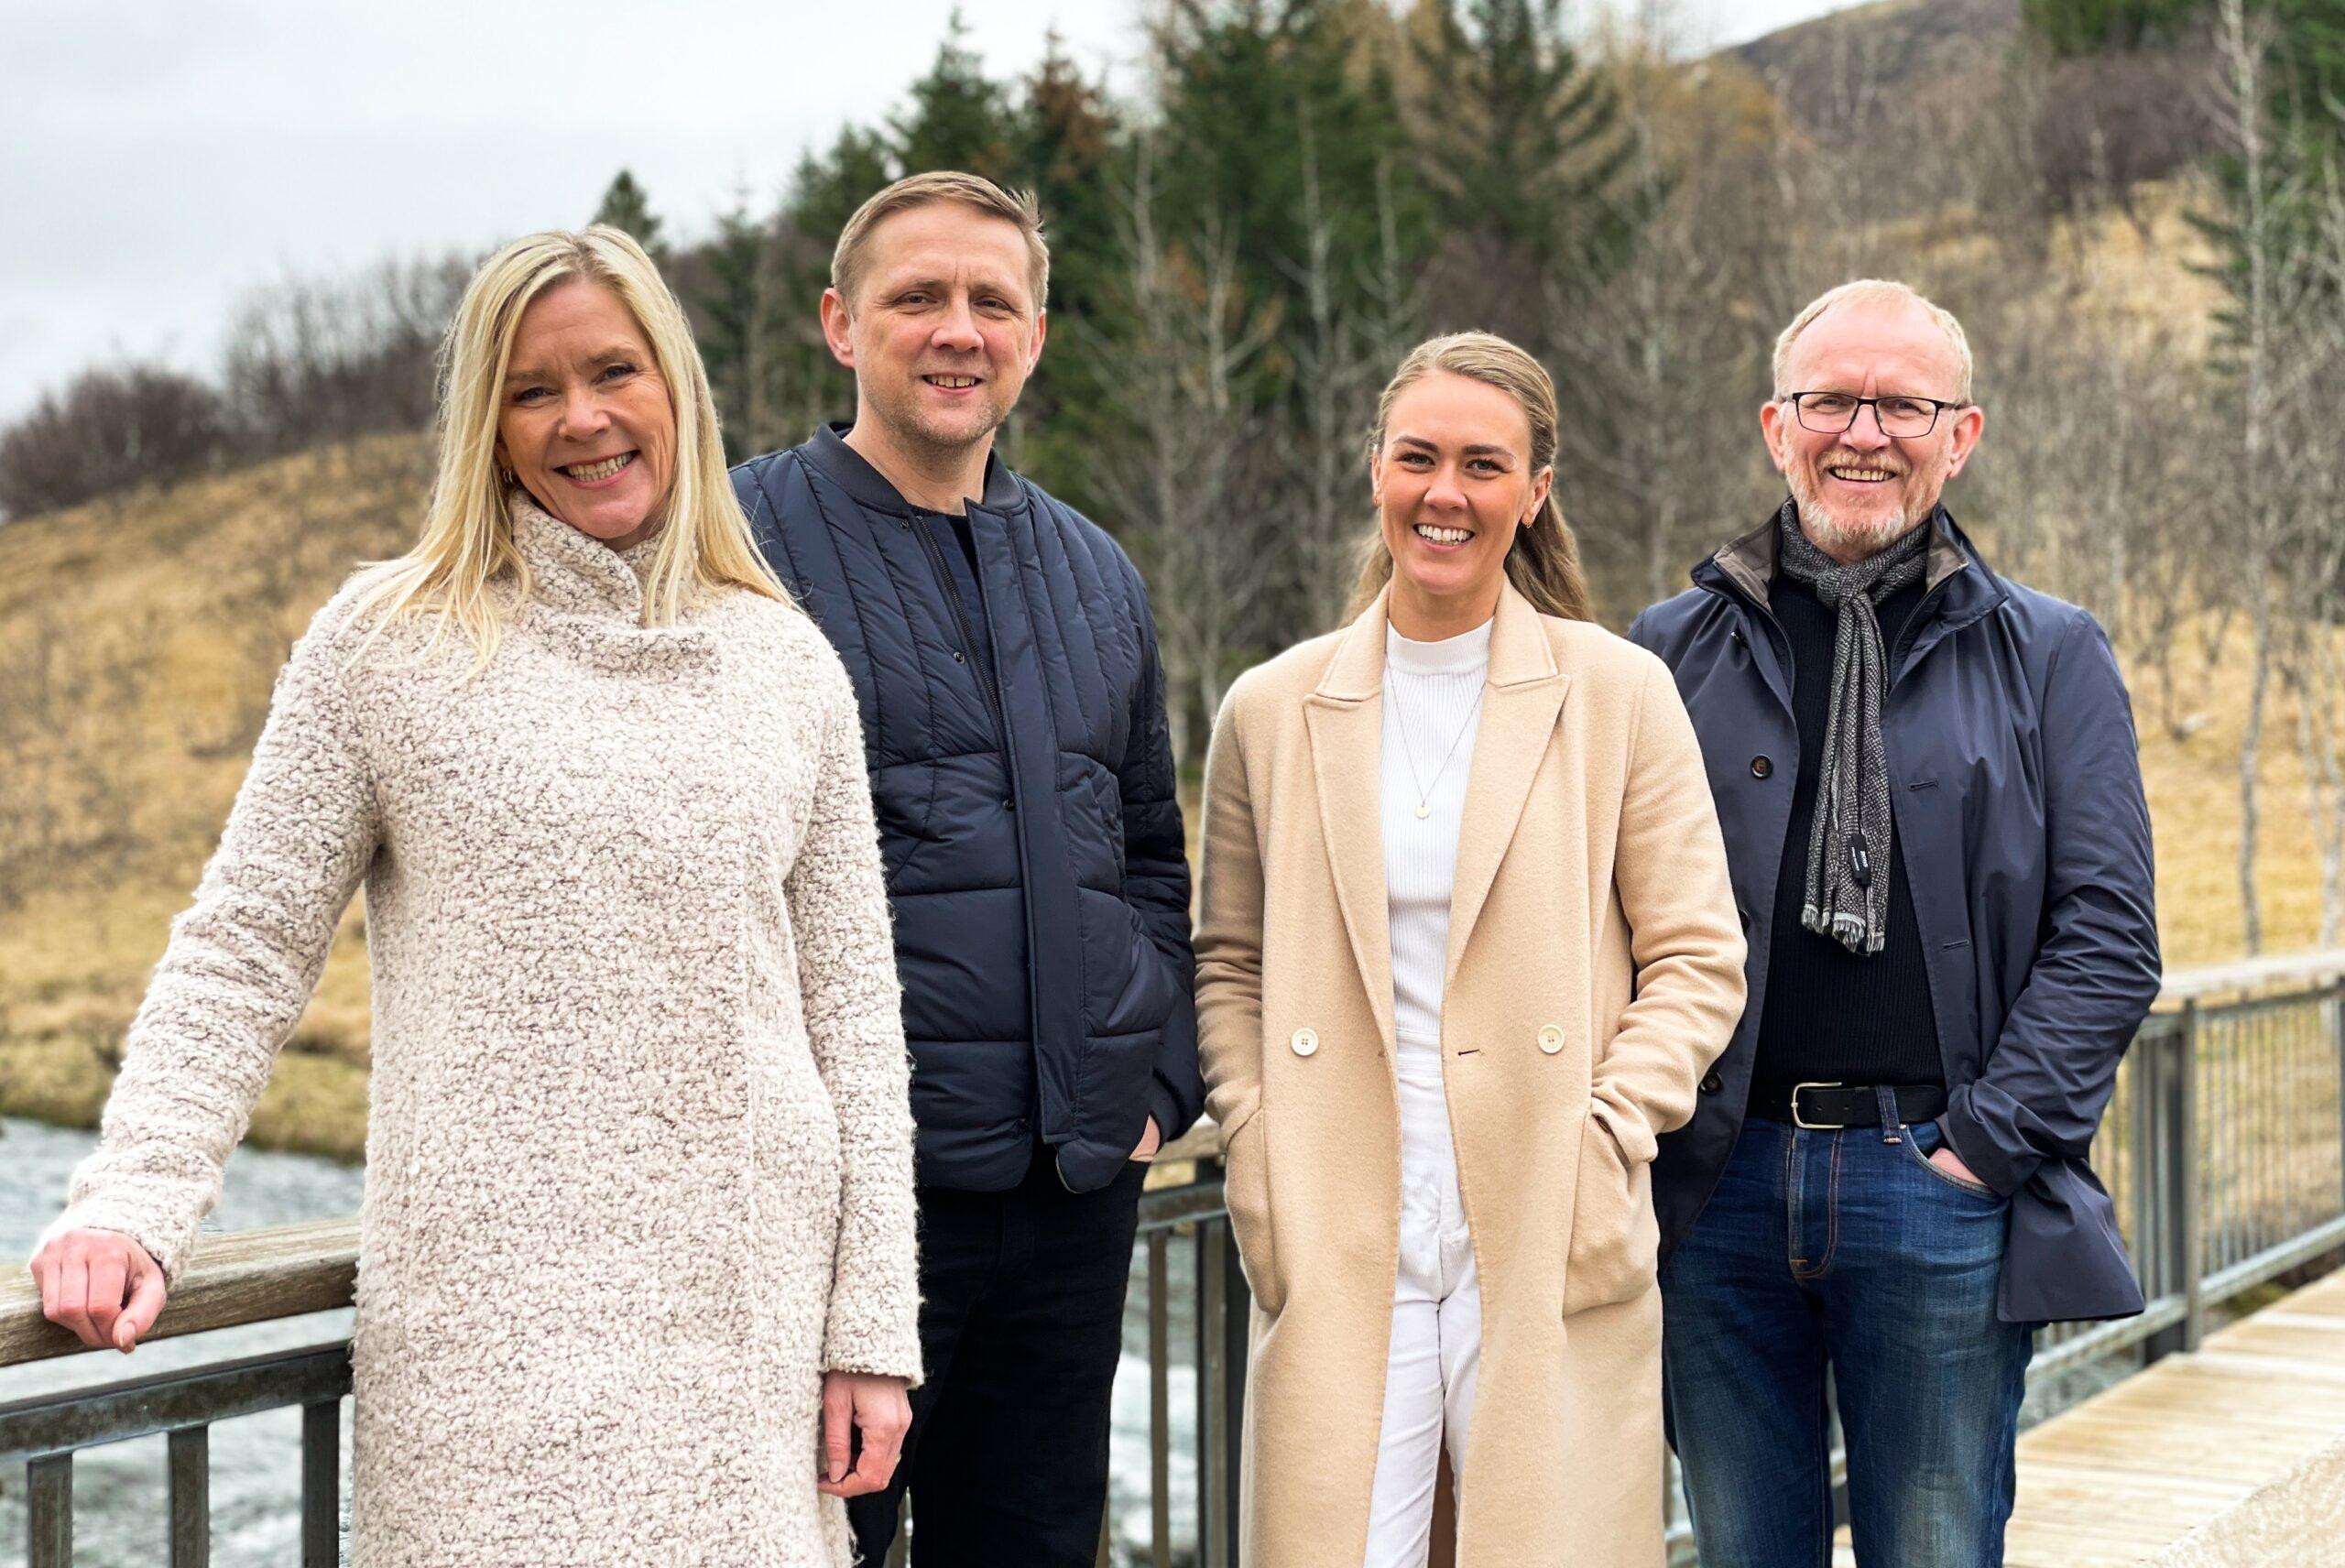 Þórunn Wolfram Pétursdóttir, Sigurjón Vídalín Guðmundsson, Elva Dögg Sigurðardóttir og Guðbrandur Einarsson.